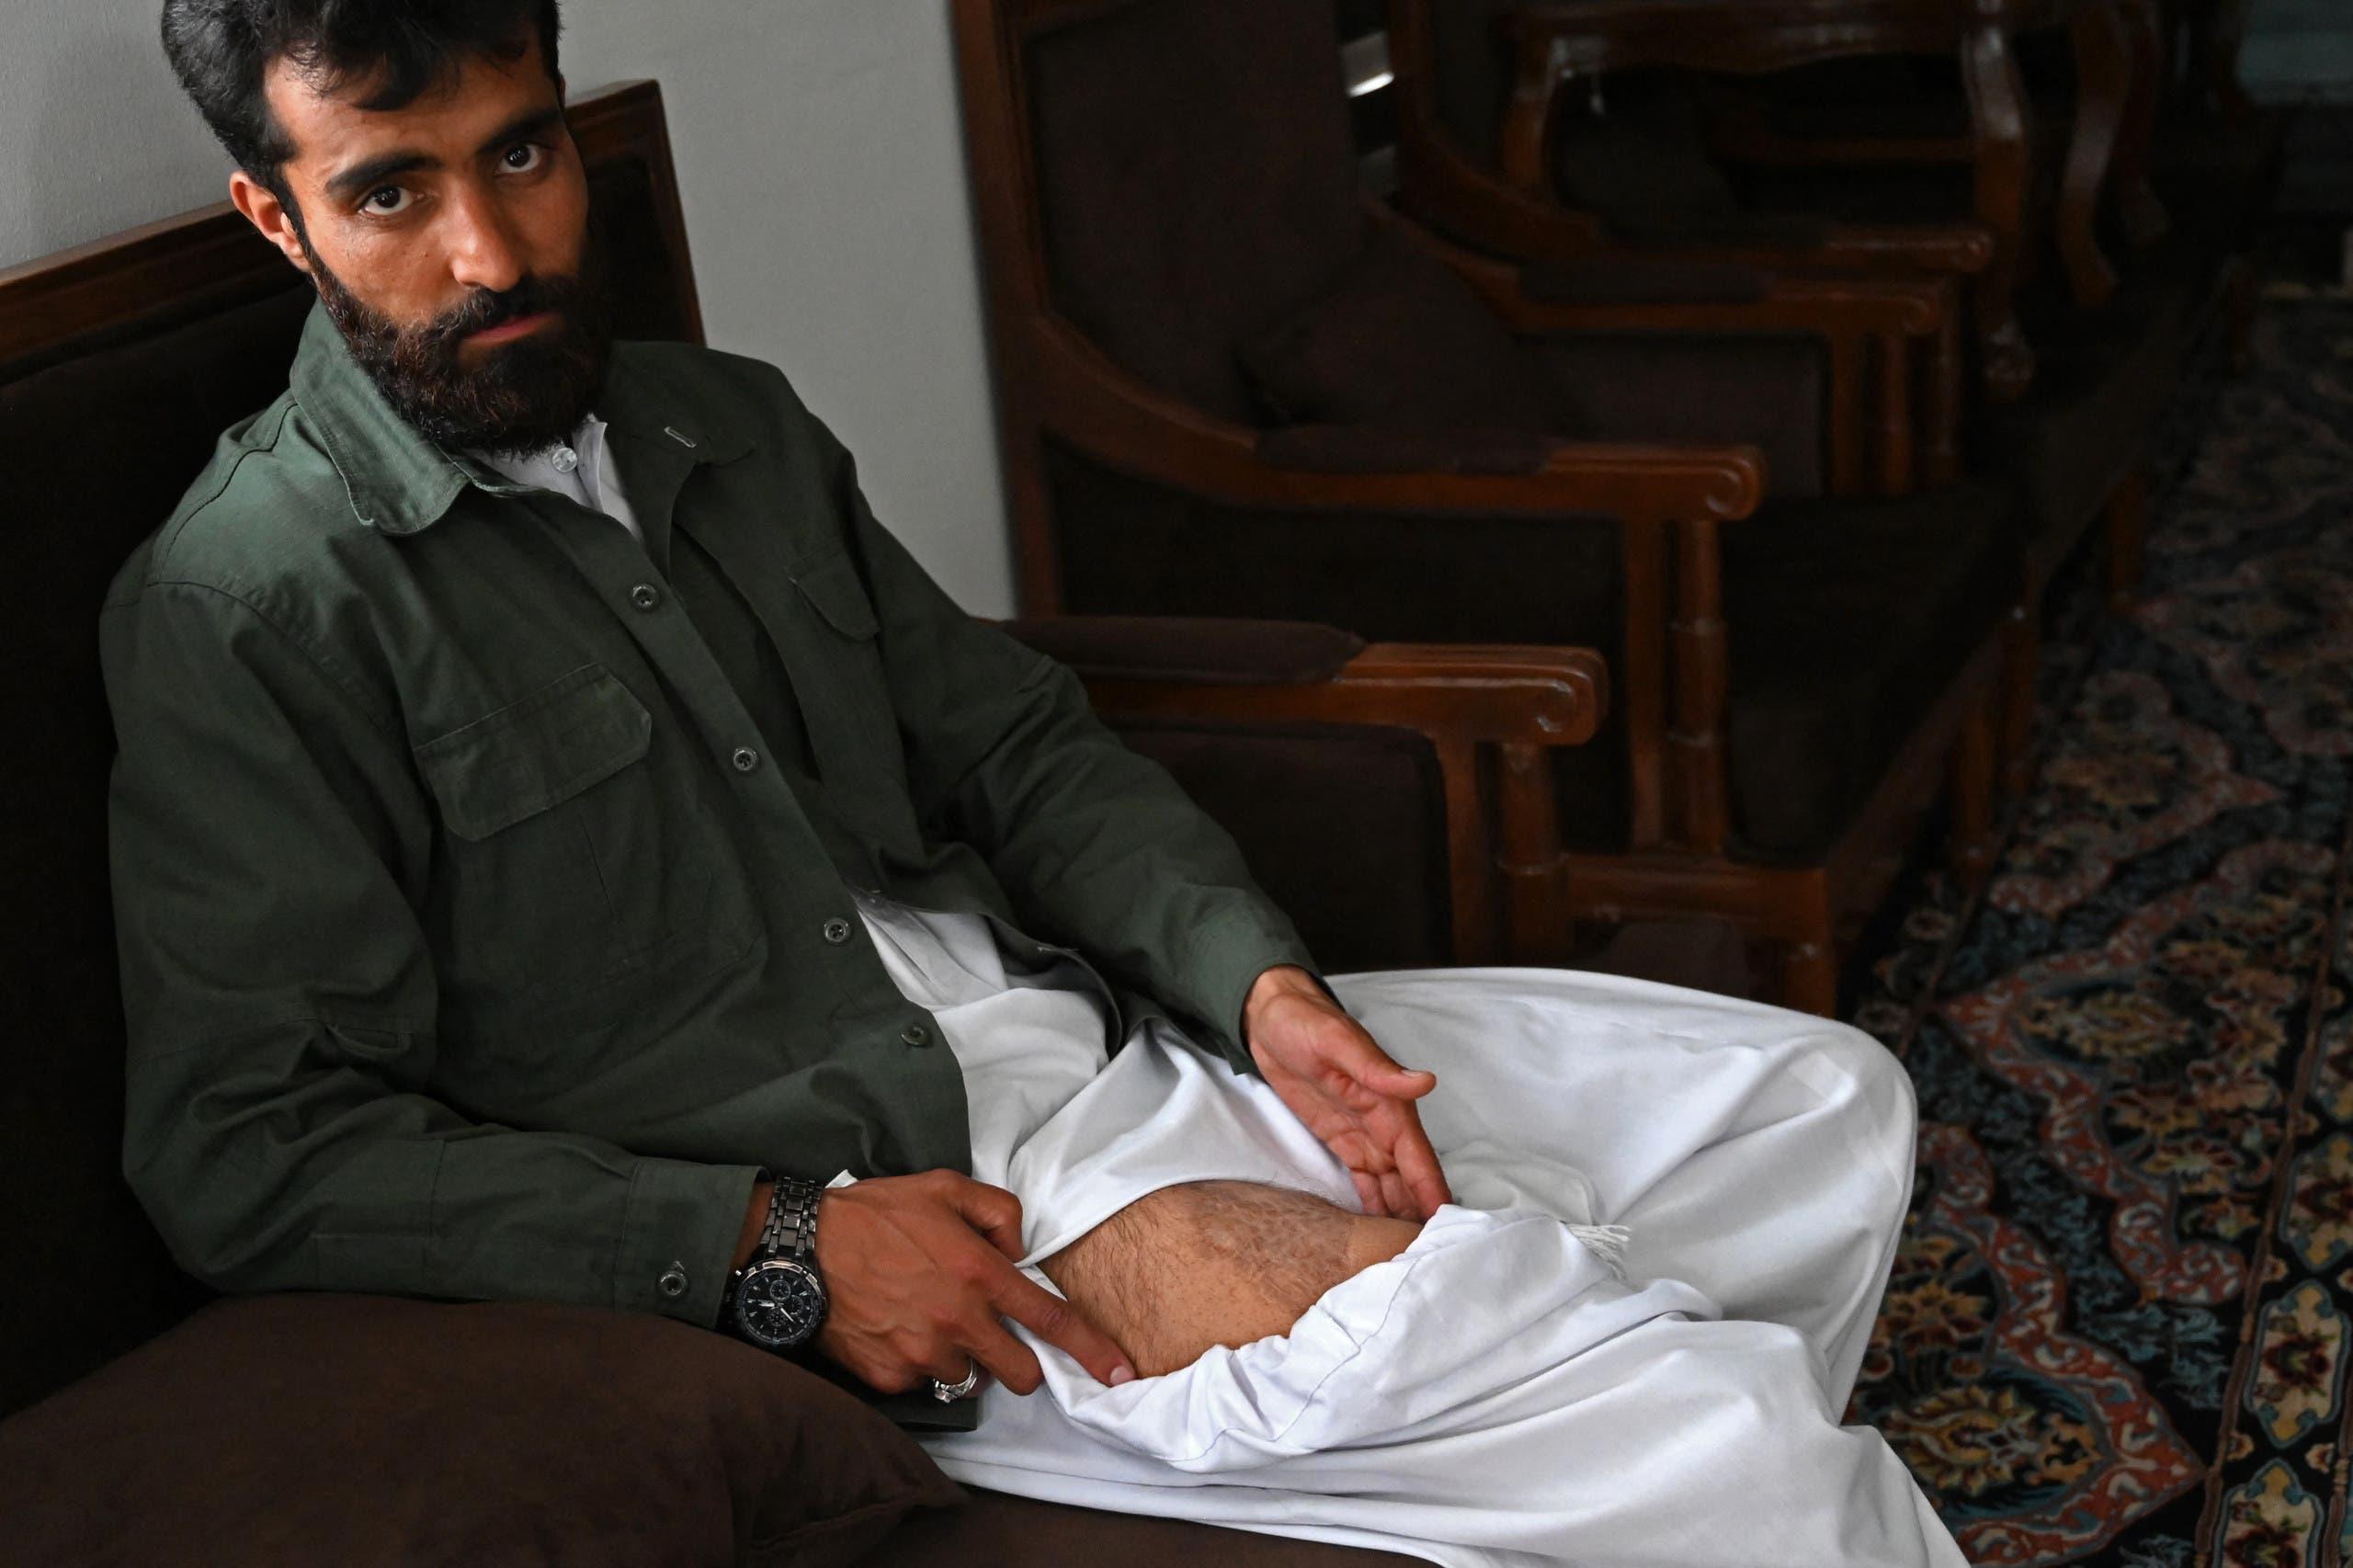 مترجم أفغاني عمل مع القوات الأميركية بين عامي 2009 و20013 يكشف عن الإصابات التي لحقته بسبب القتال (أرشيفية)